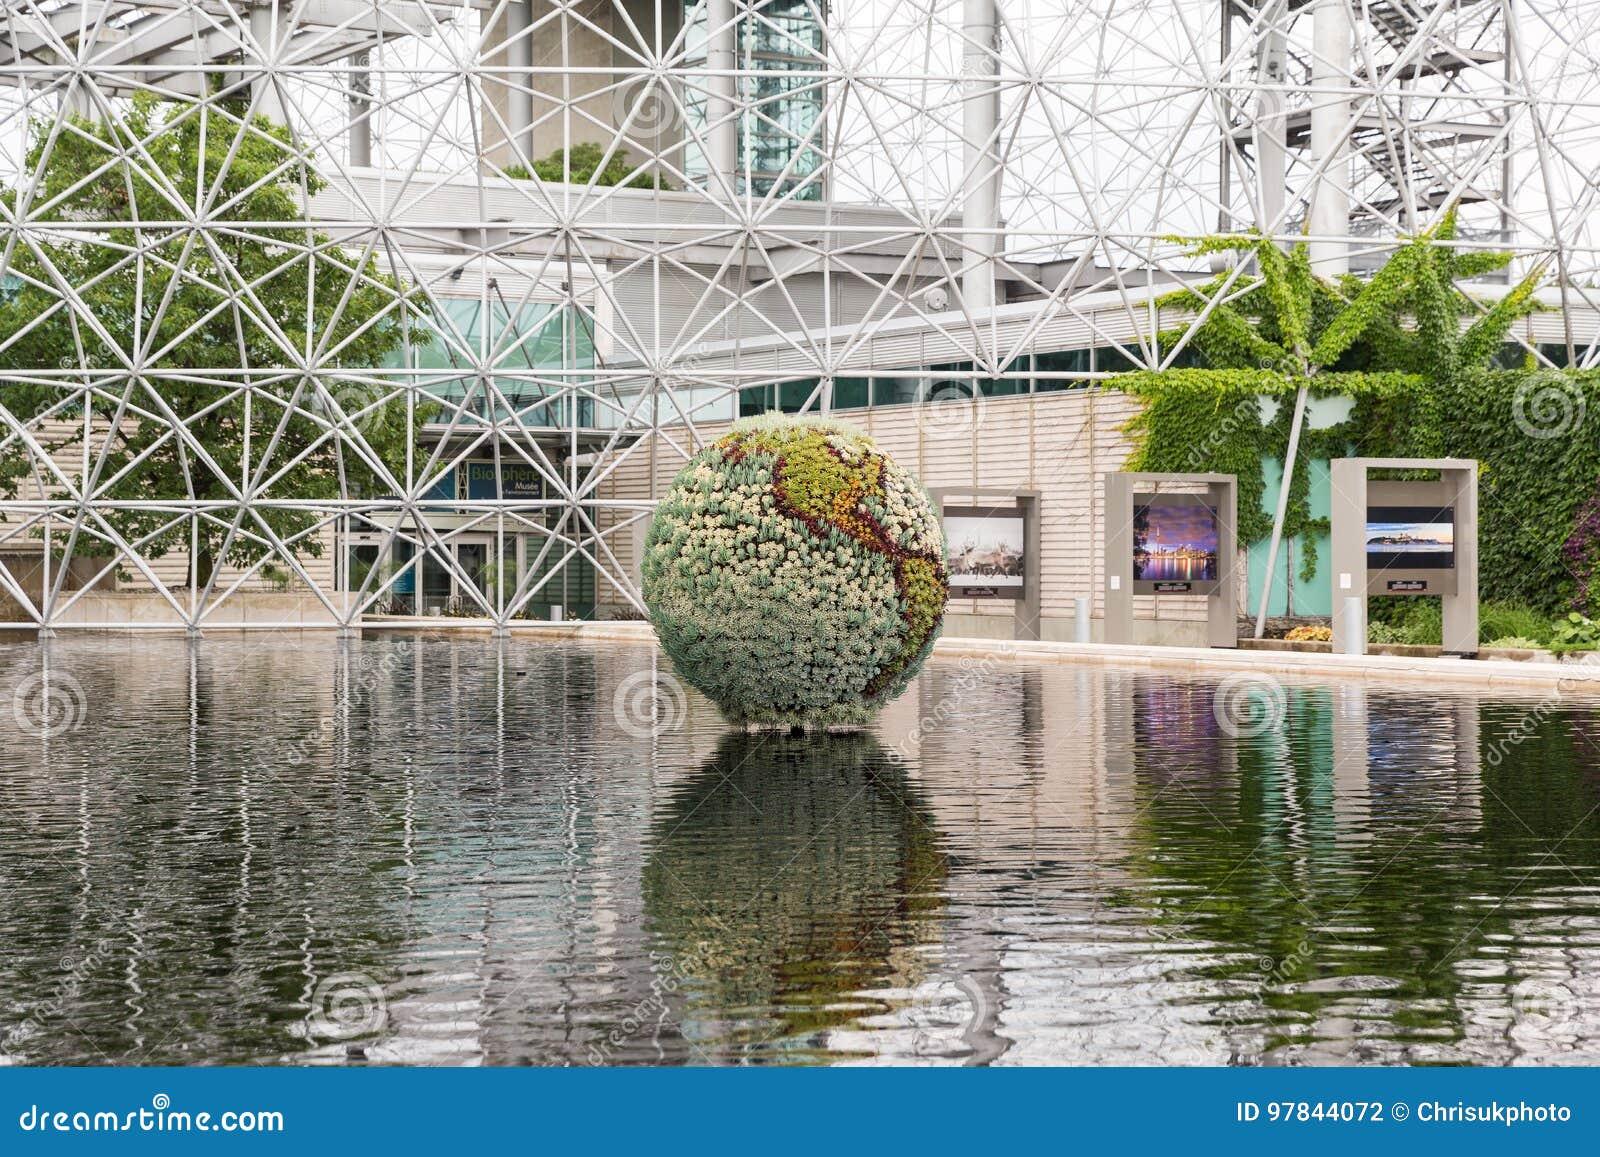 生物圈在Parc的吉恩德拉波,魁北克,加拿大蒙特利尔